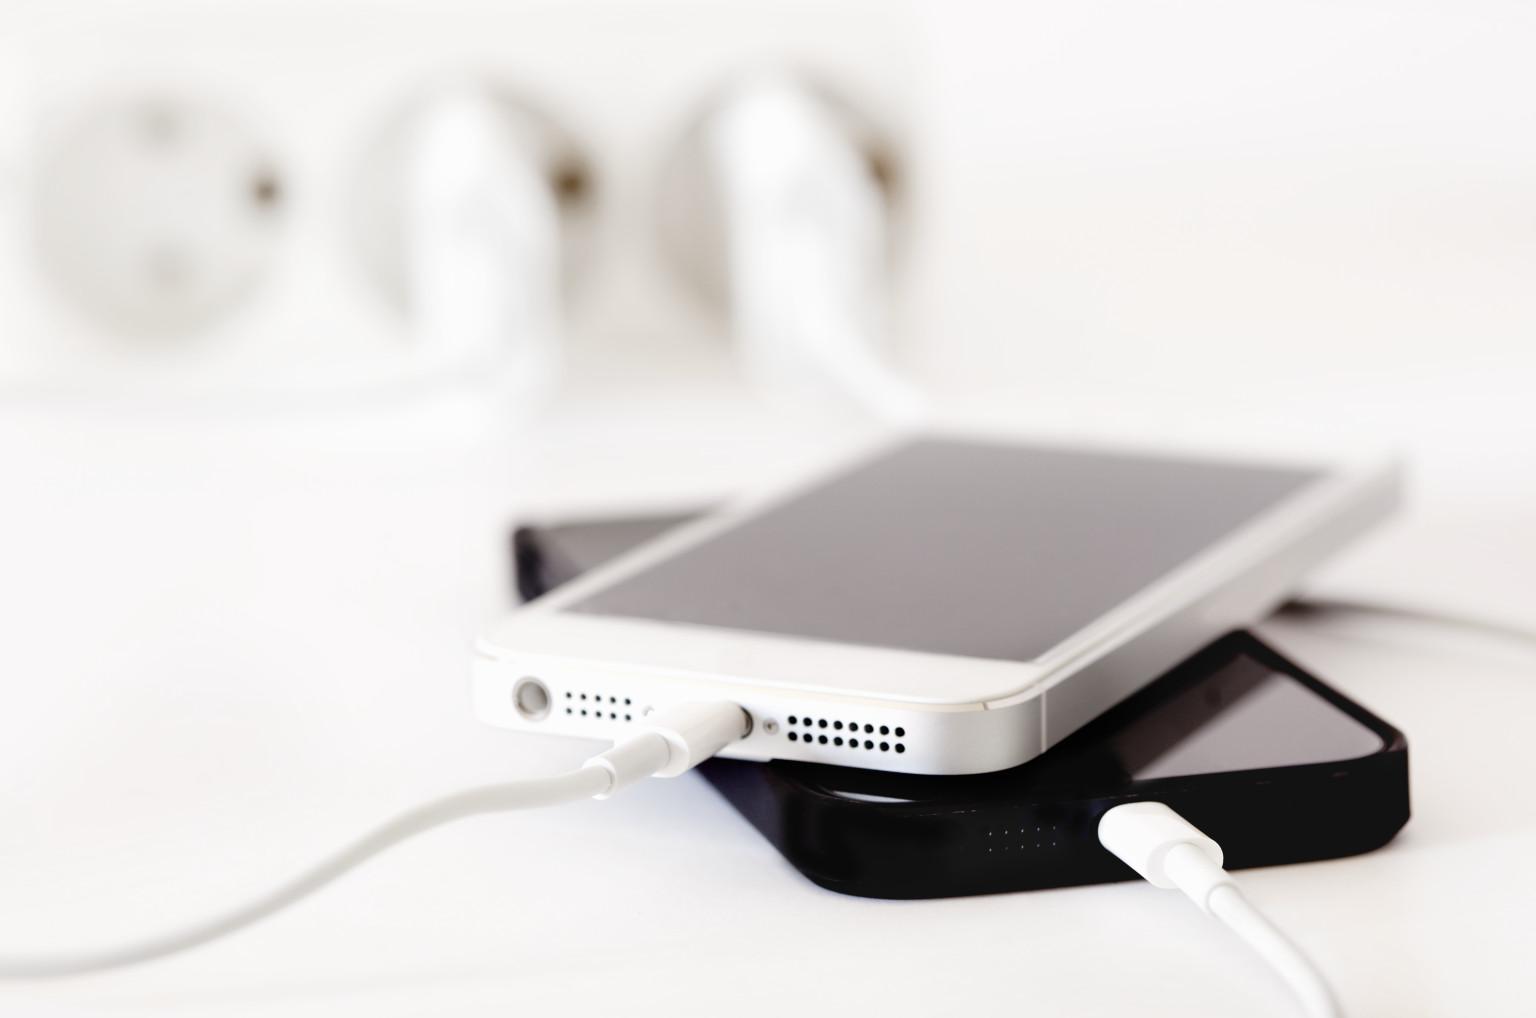 быстрой разрядкой и перегревом iPhone